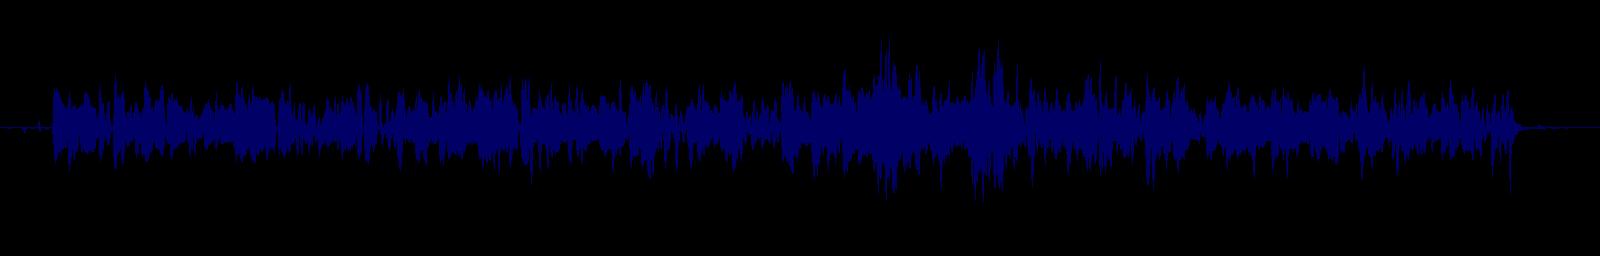 waveform of track #104203